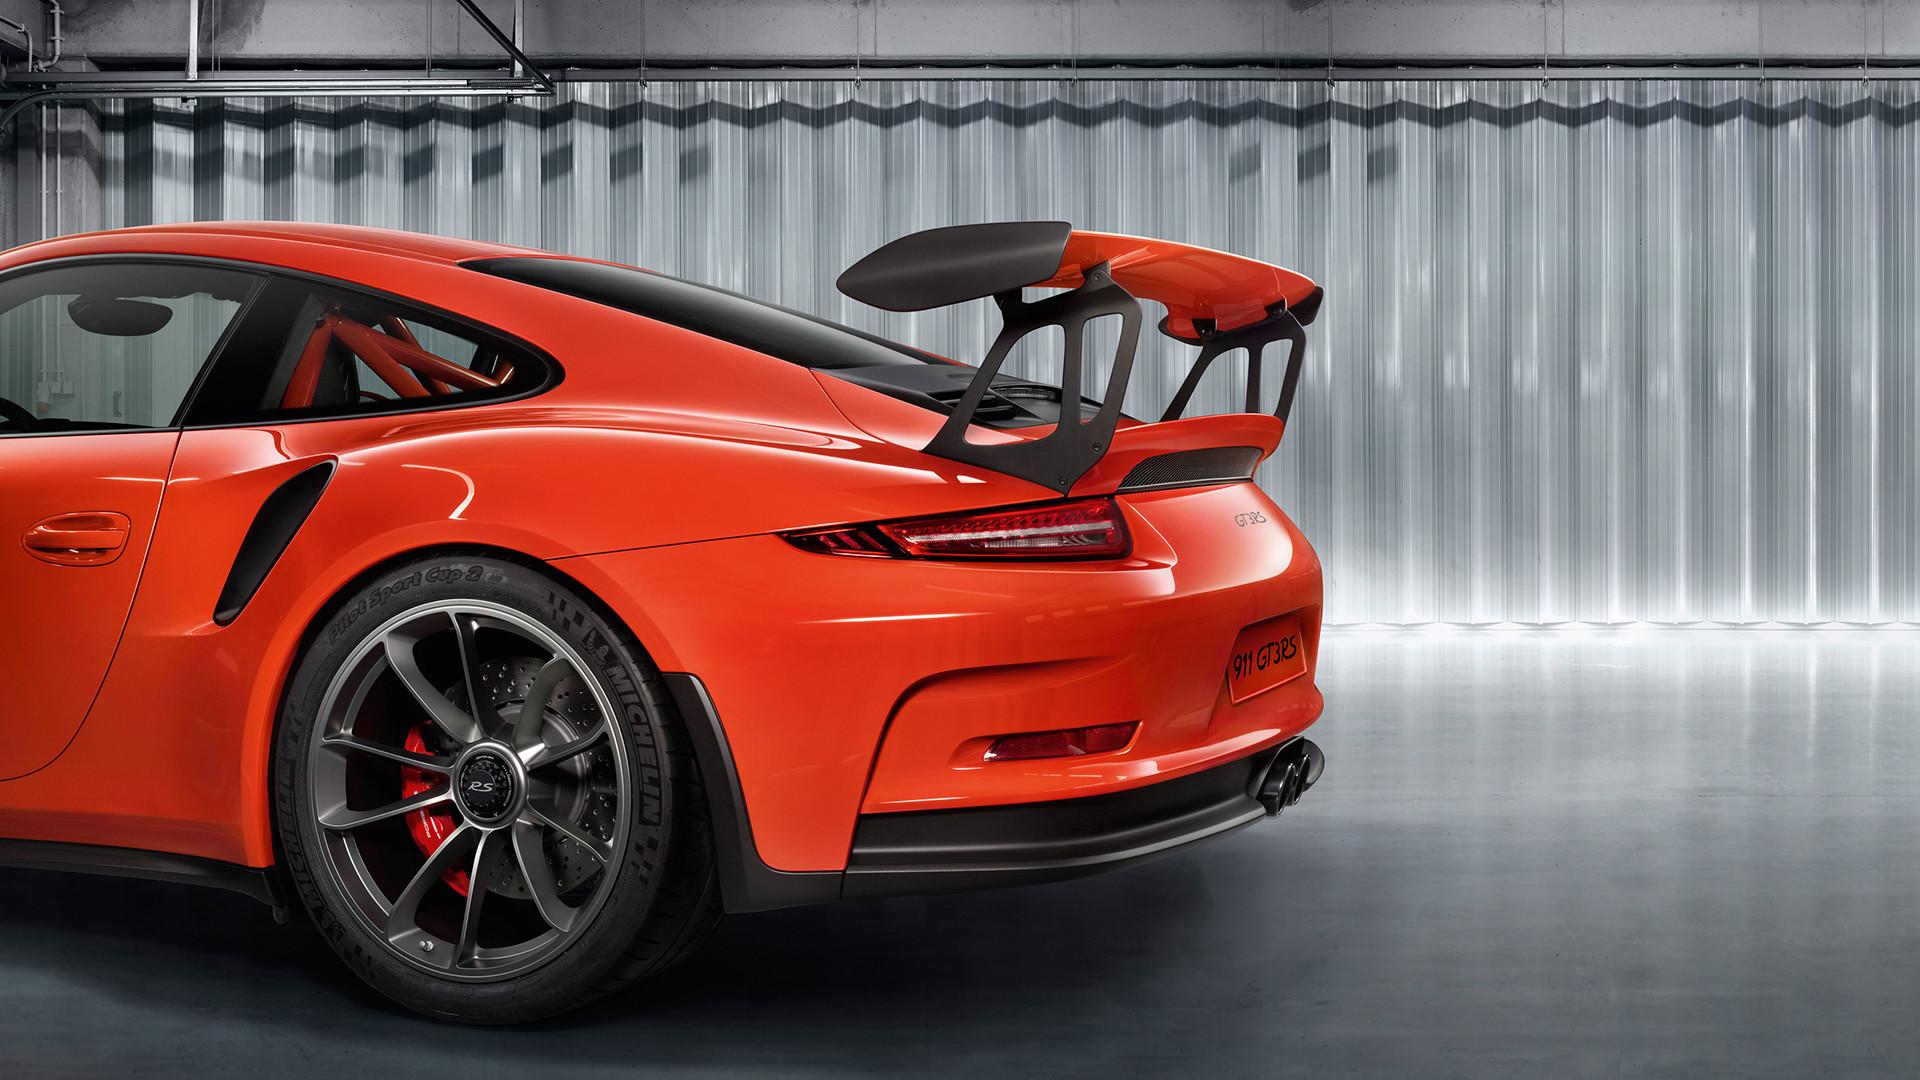 Porsche 911 Gt3 Rs Wallpaper ·① WallpaperTag